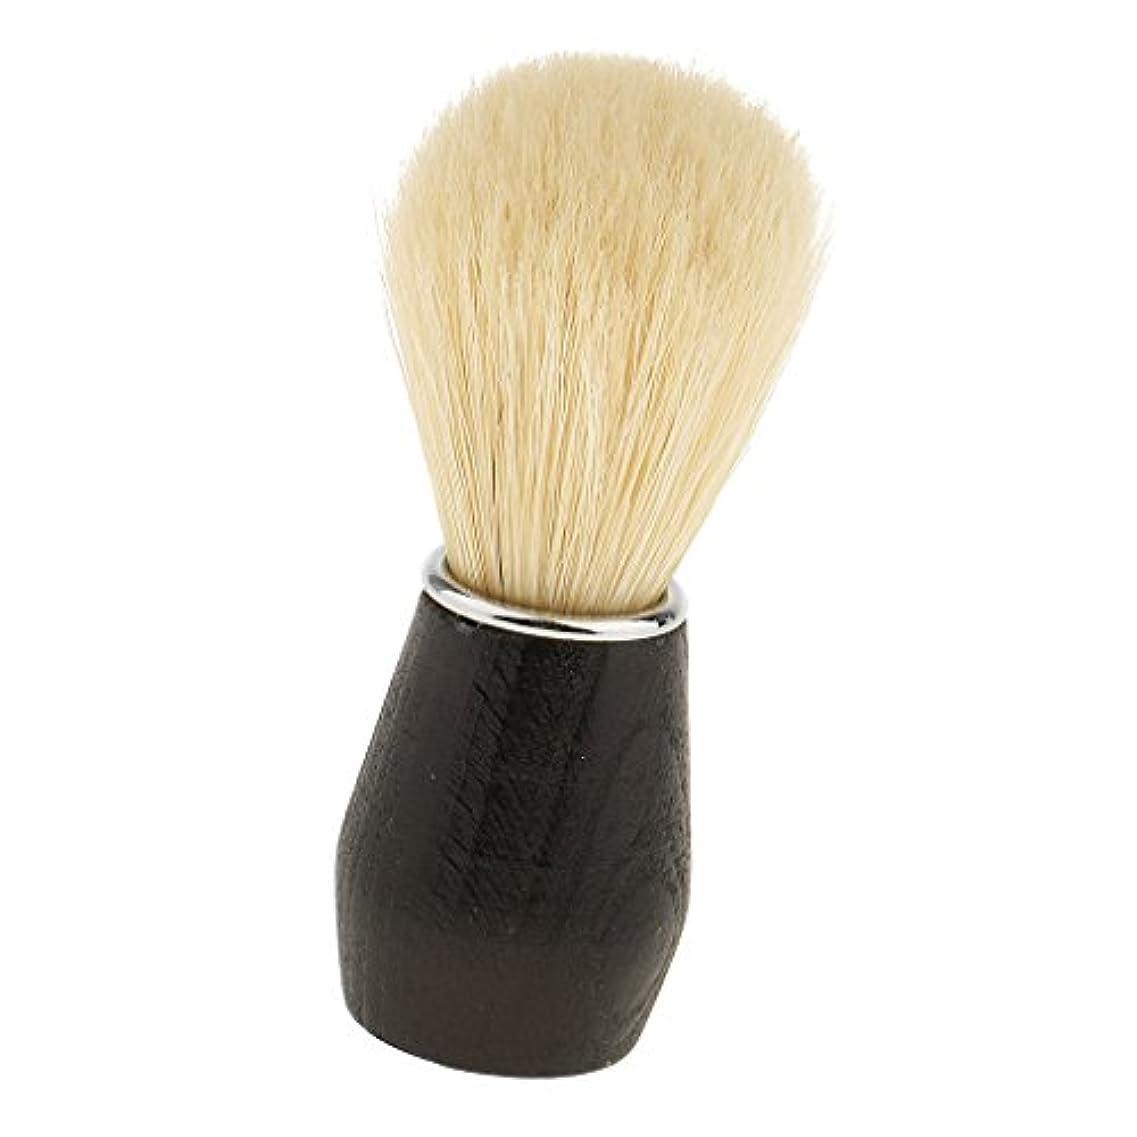 めまいが研磨剤シールドシェービングブラシ ヘアシェービングブラシ 毛髭ブラシ 髭剃り 泡立ち メンズ ソフト 父のギフト